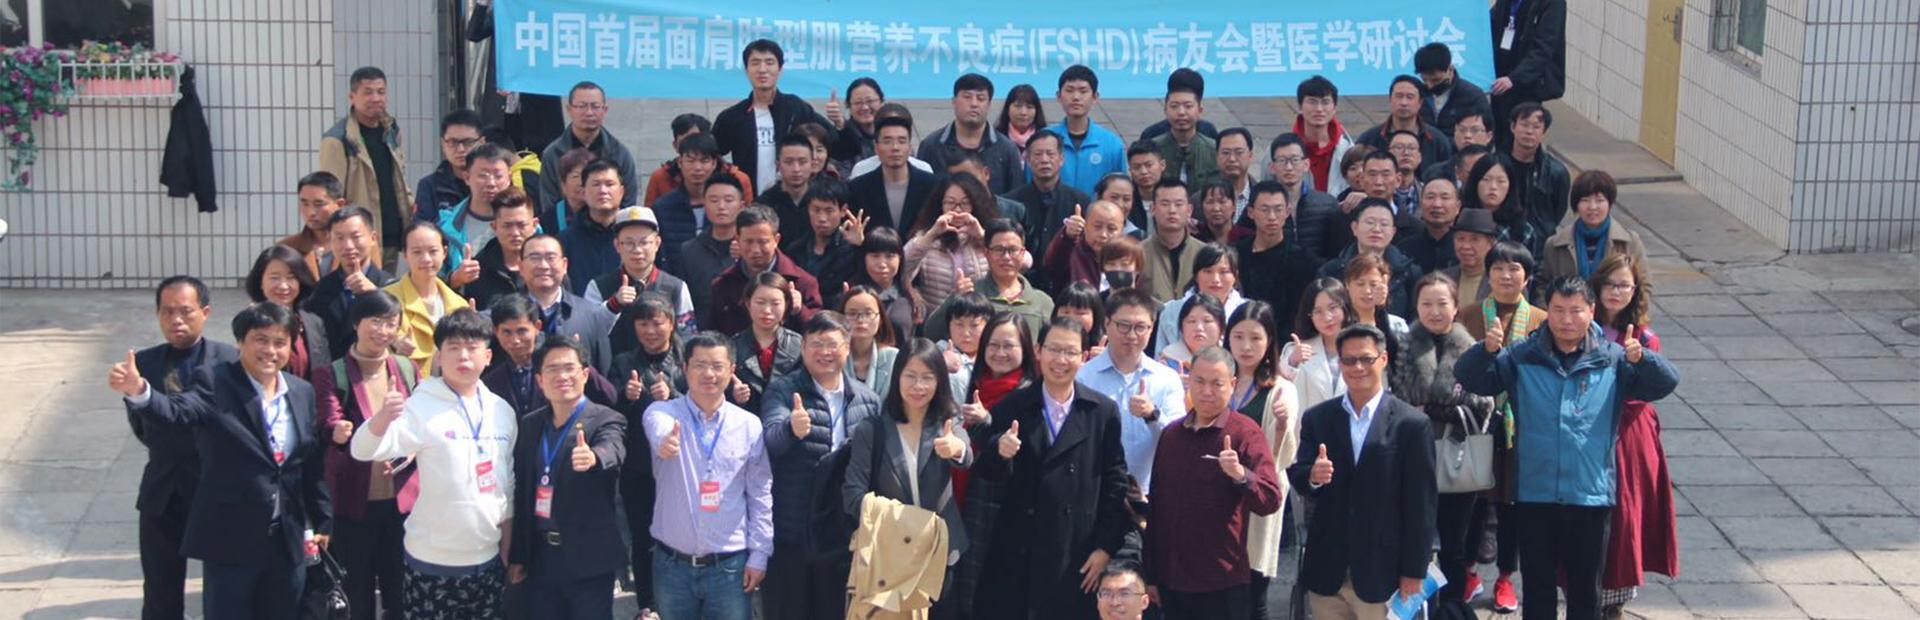 中国首届面肩肱型肌营养不良症暨医学研讨会,北京,2018年3月24日25日